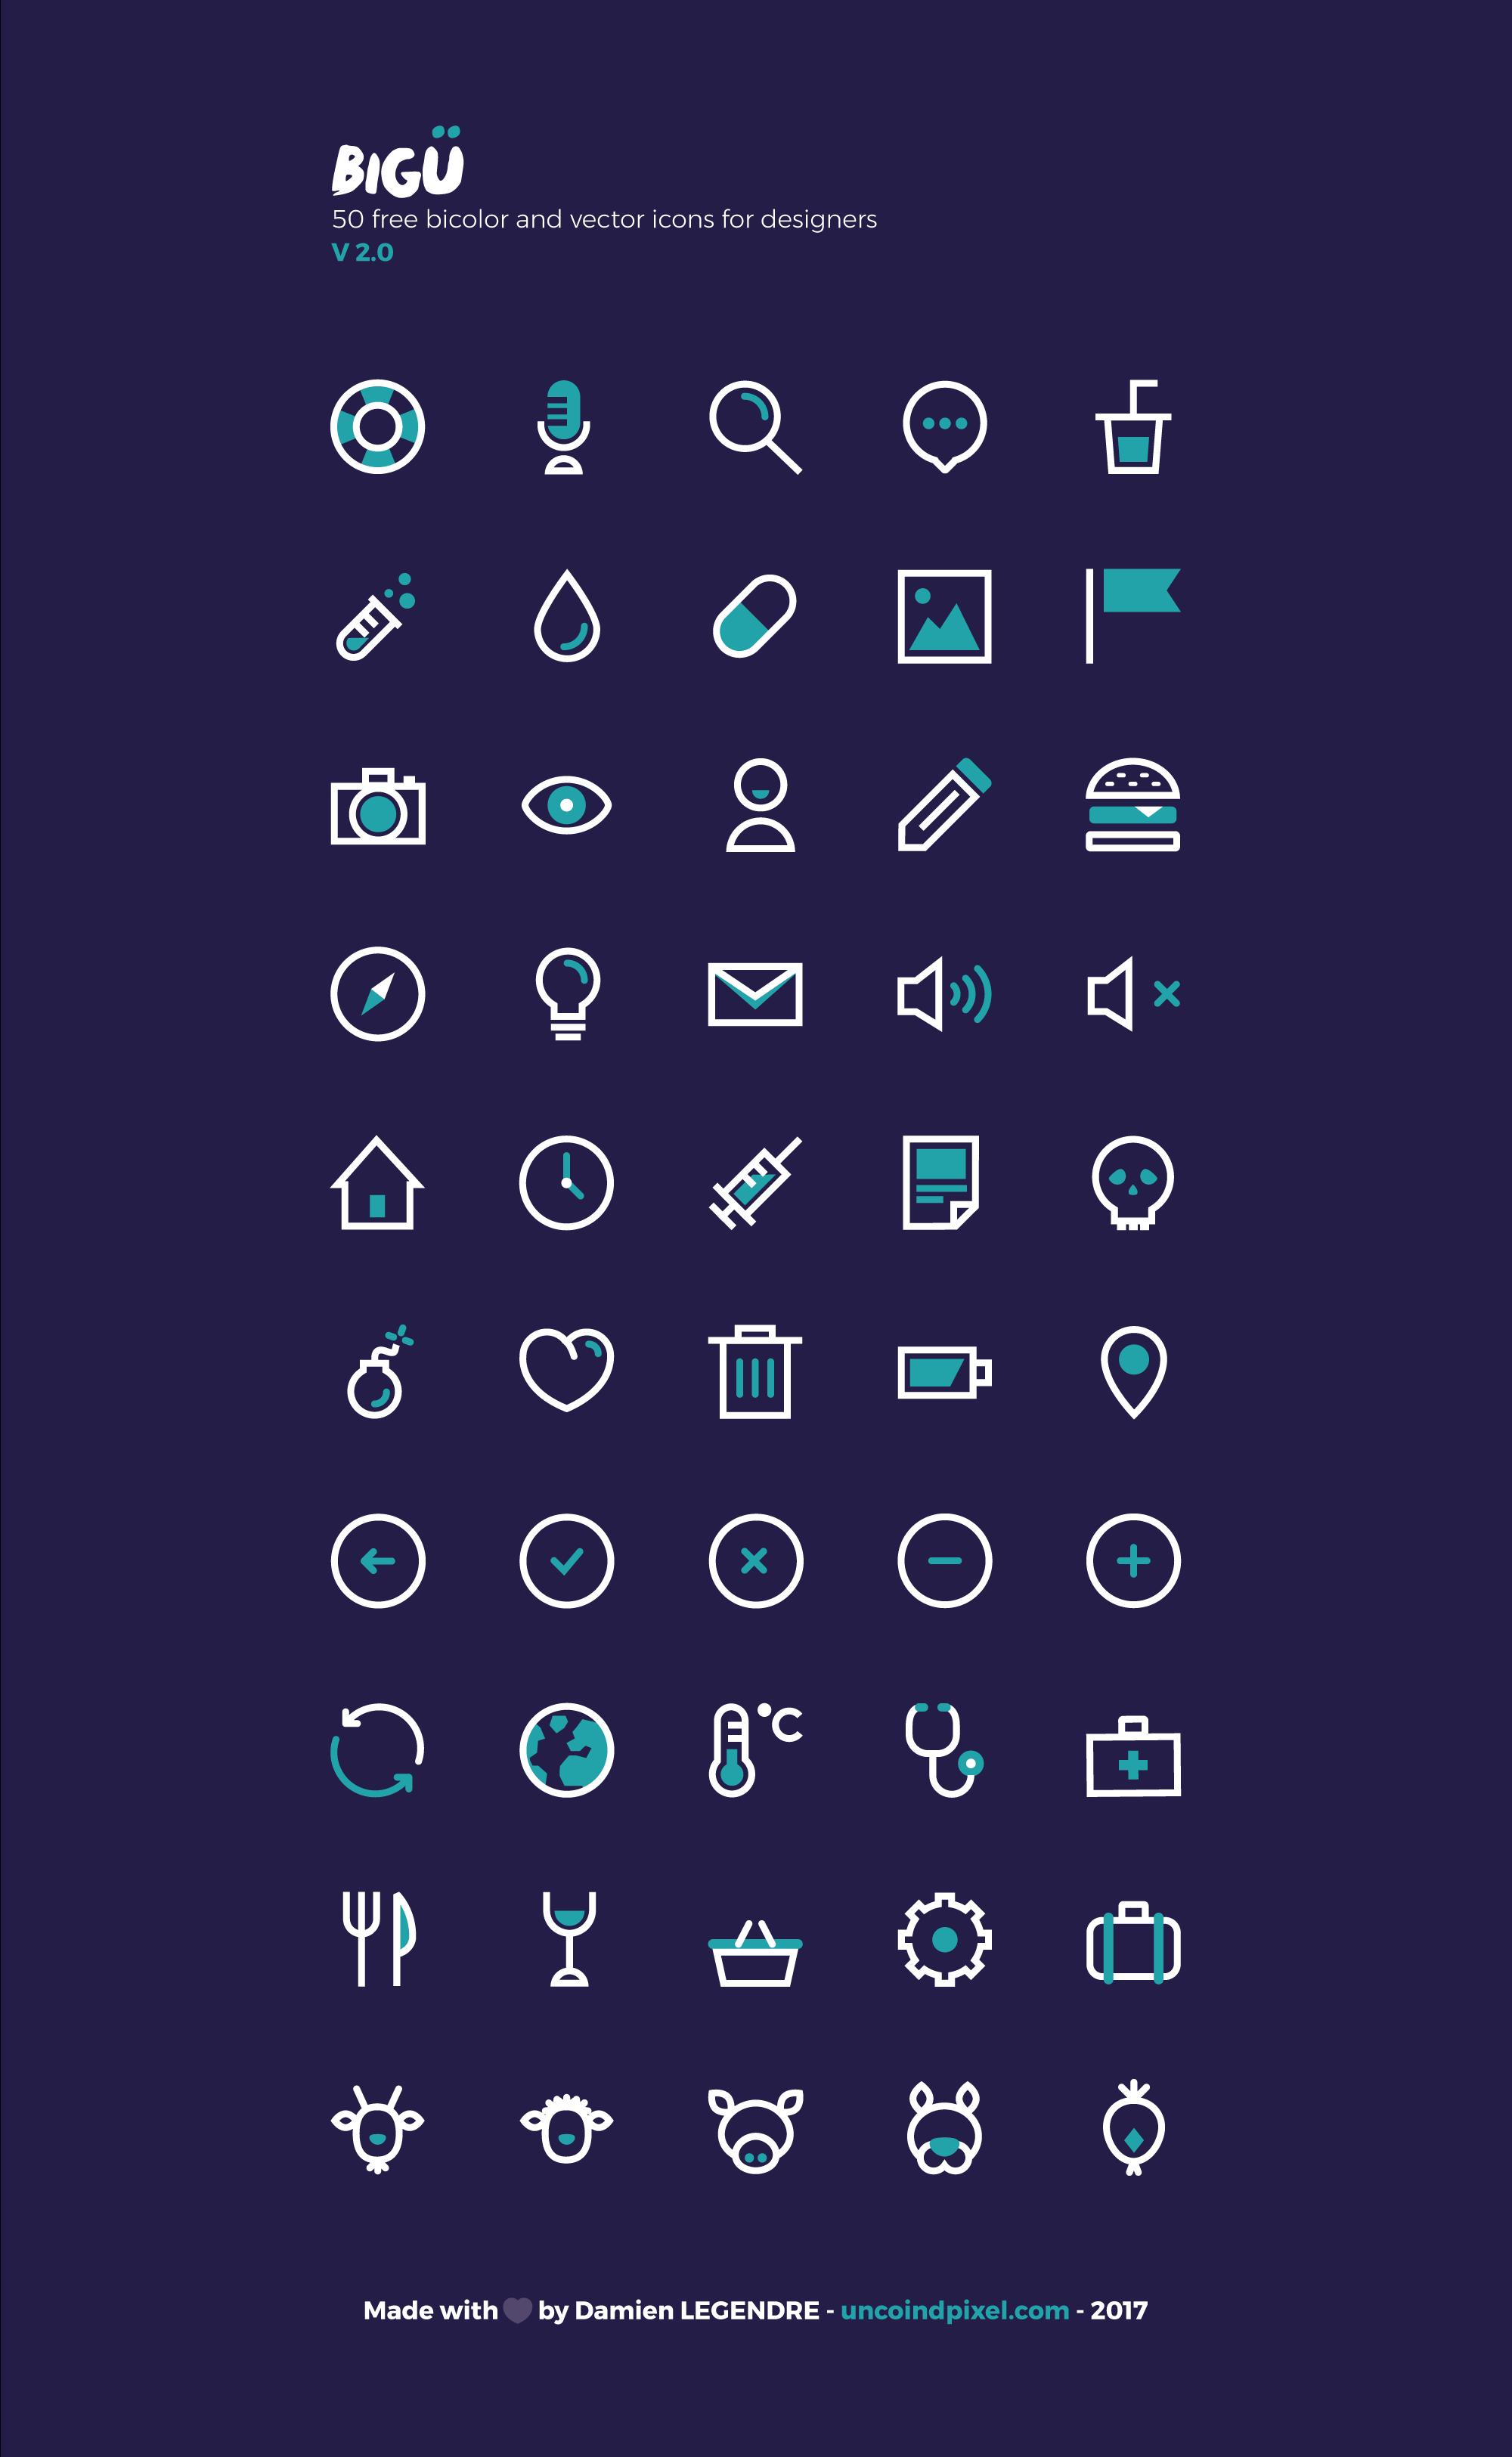 Set d'icônes vectorielles gratuit BIGÜ